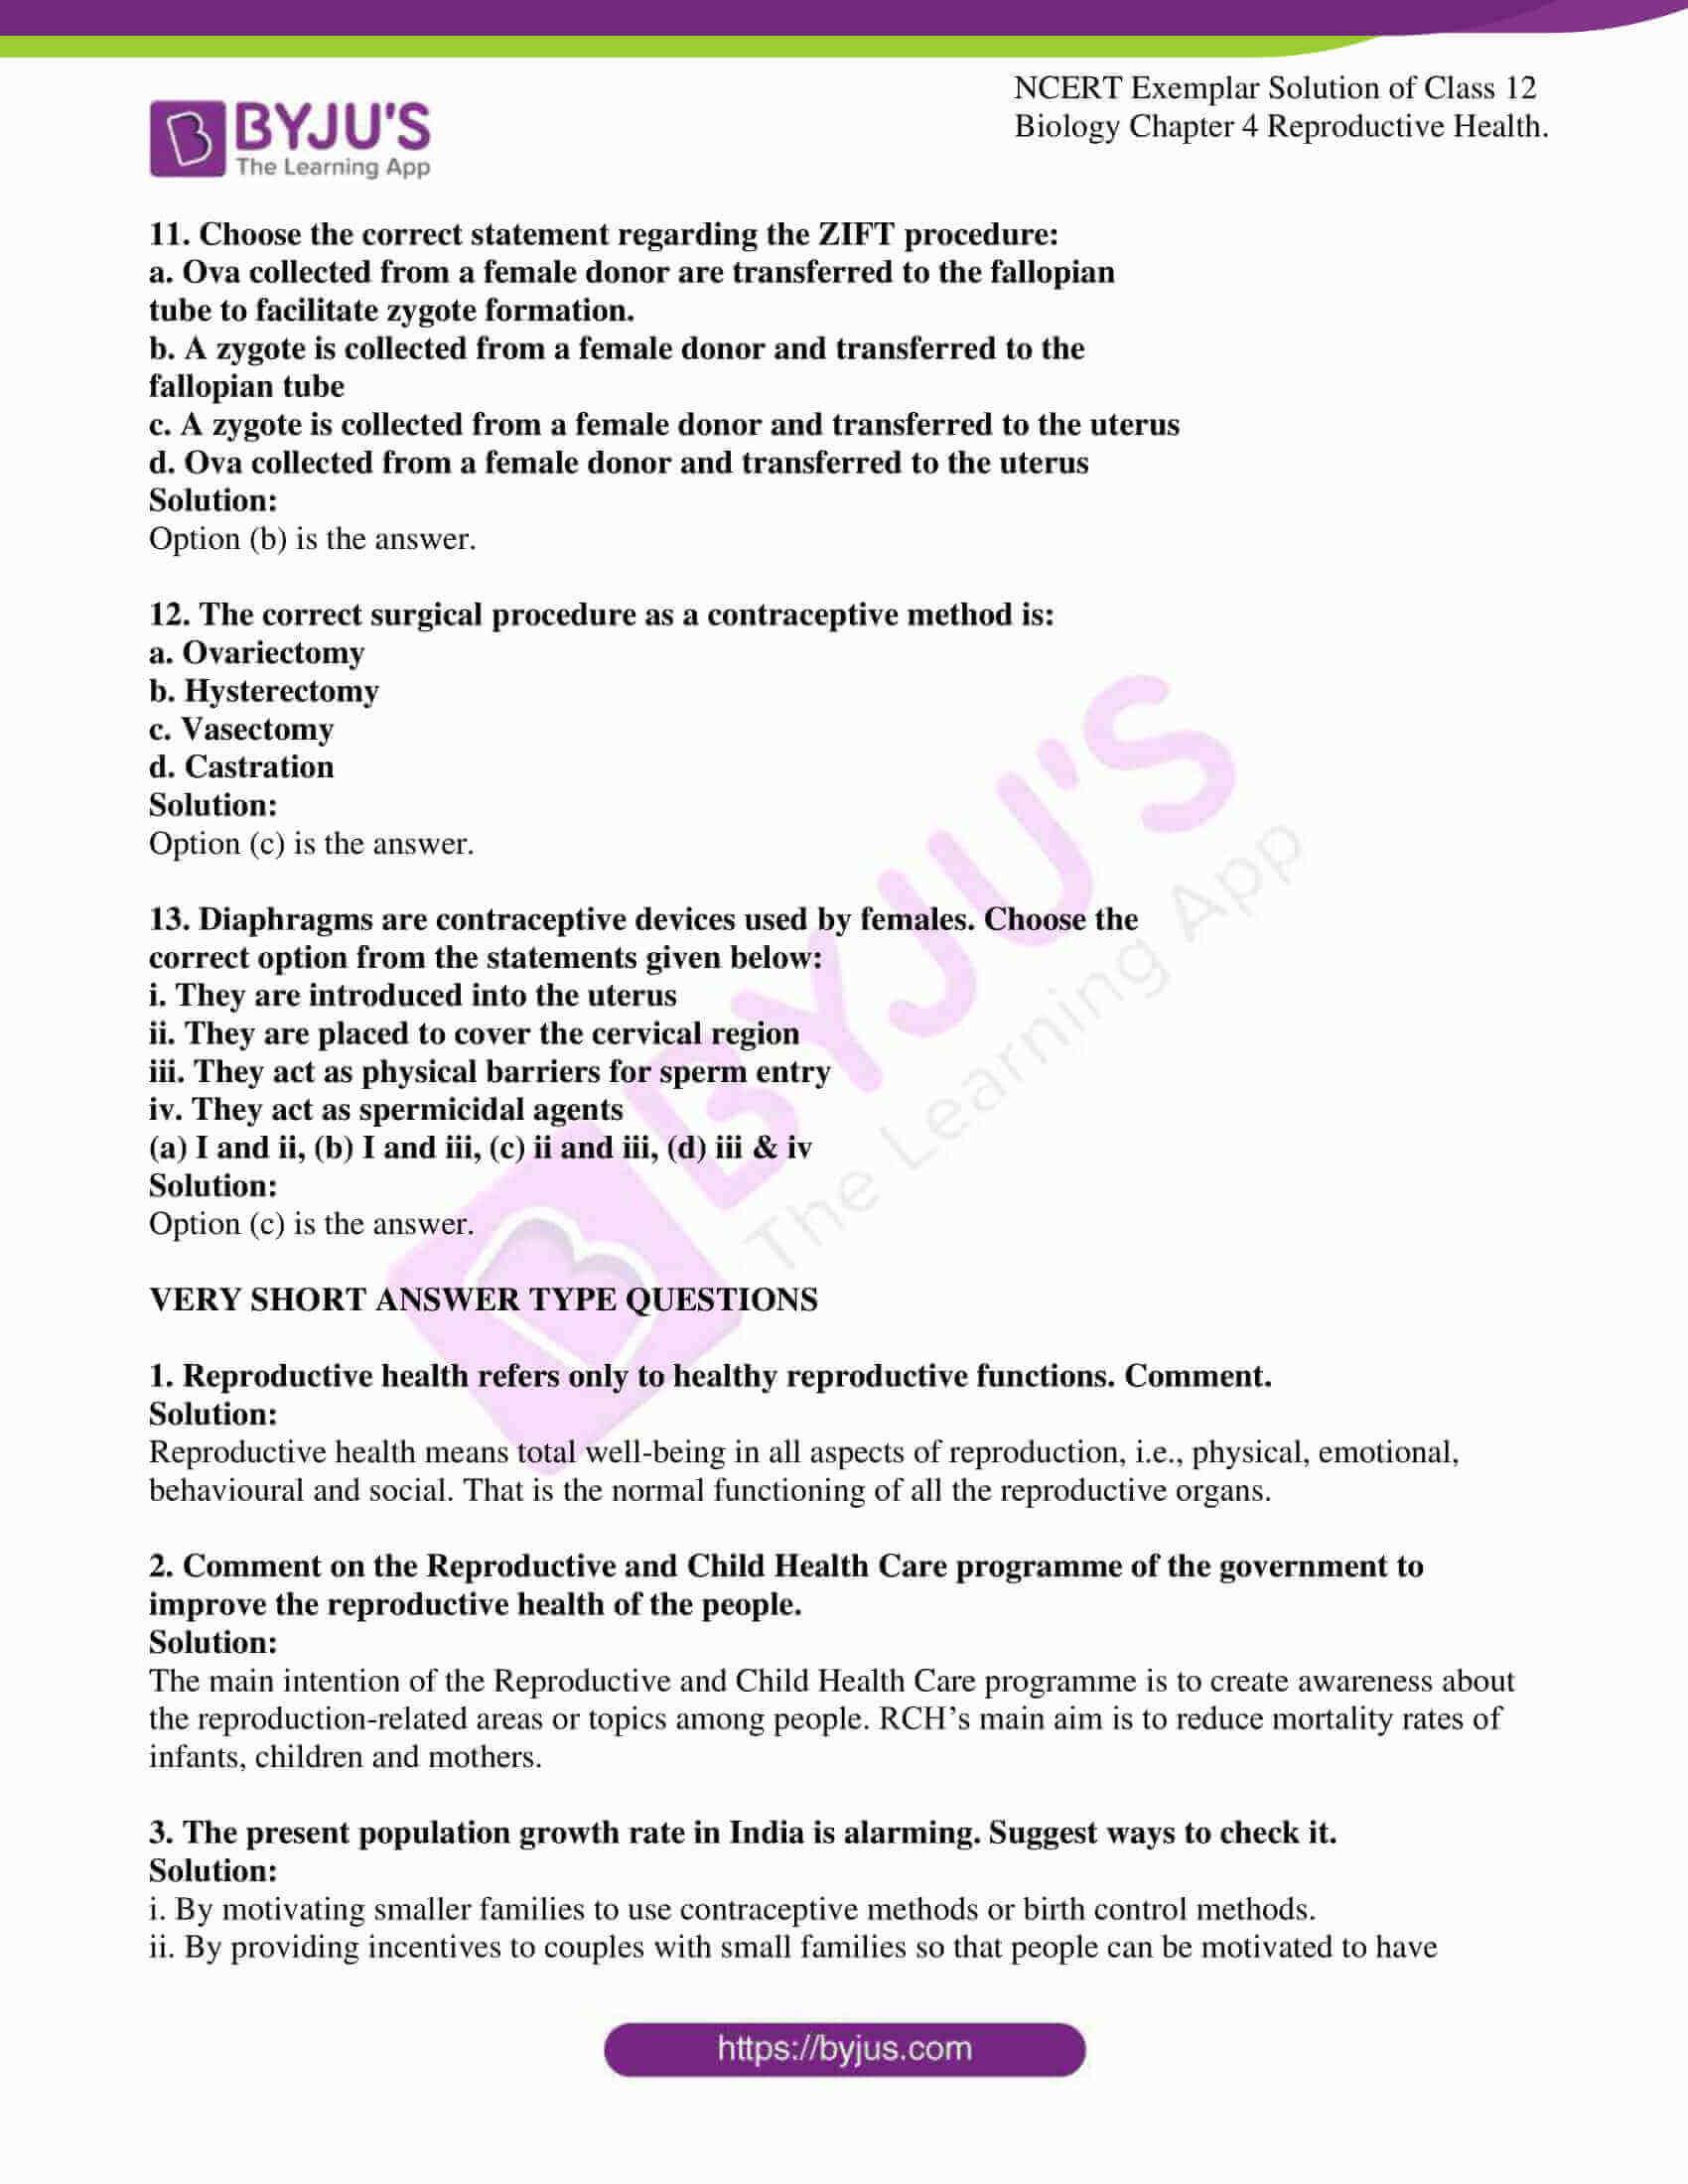 ncert exemplar solution of class 12 biology chapter 4 3